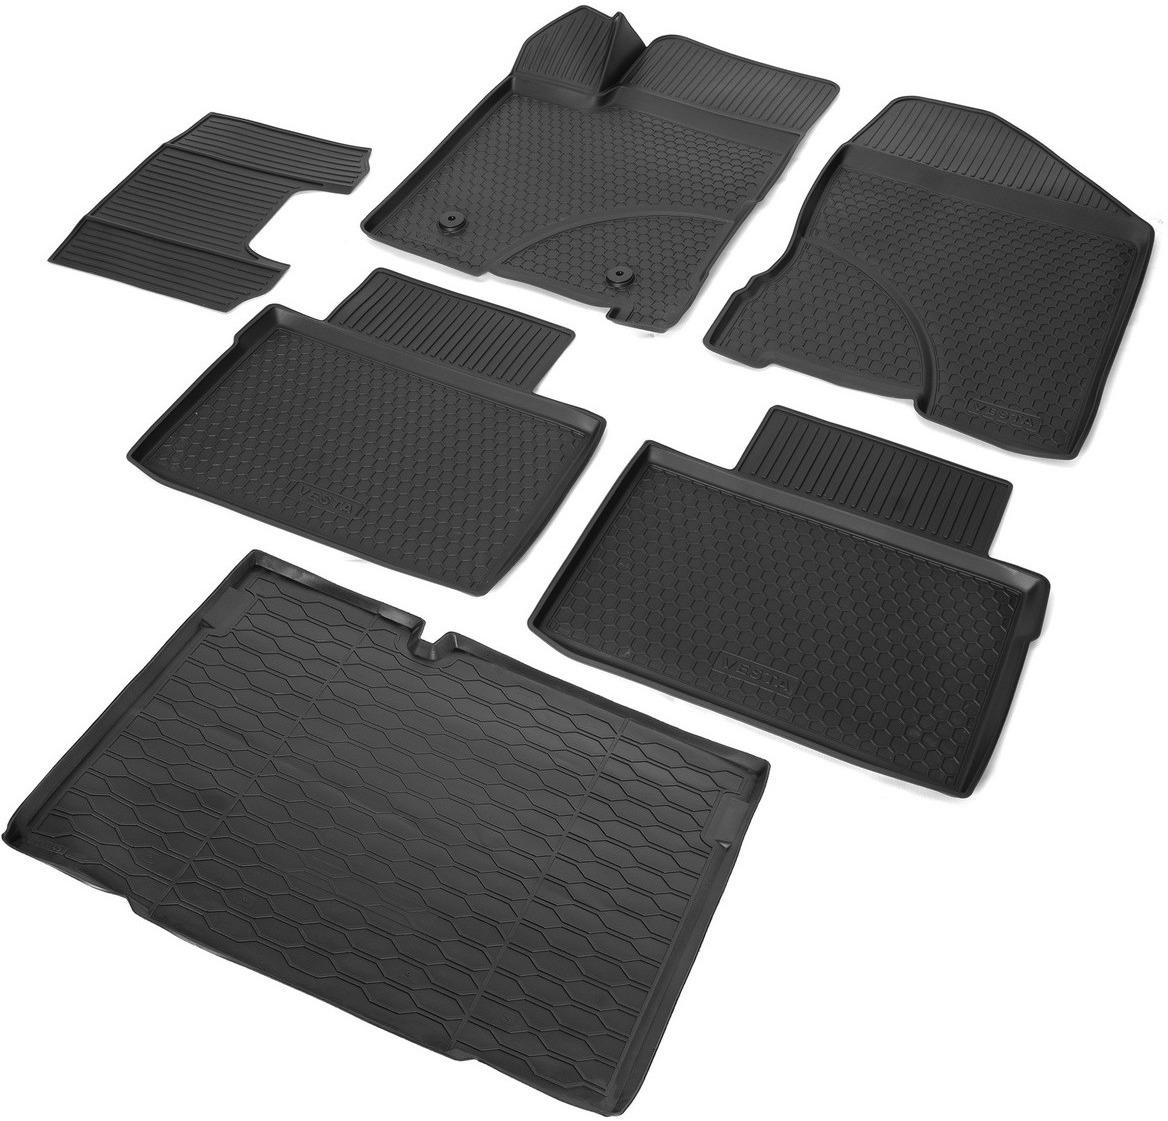 Комплект ковриков салона и багажника Rival для Lada Vesta универсал, универсал Cross (багажник без фальш пола) 2017-н.в., полиуретан, с крепежом, с перемычкой, 6 шт. K16006004-1 комплект ковриков салона и багажника rival для lada vesta универсал сross с фальш полом 2017 н в полиуретан k16006001 3